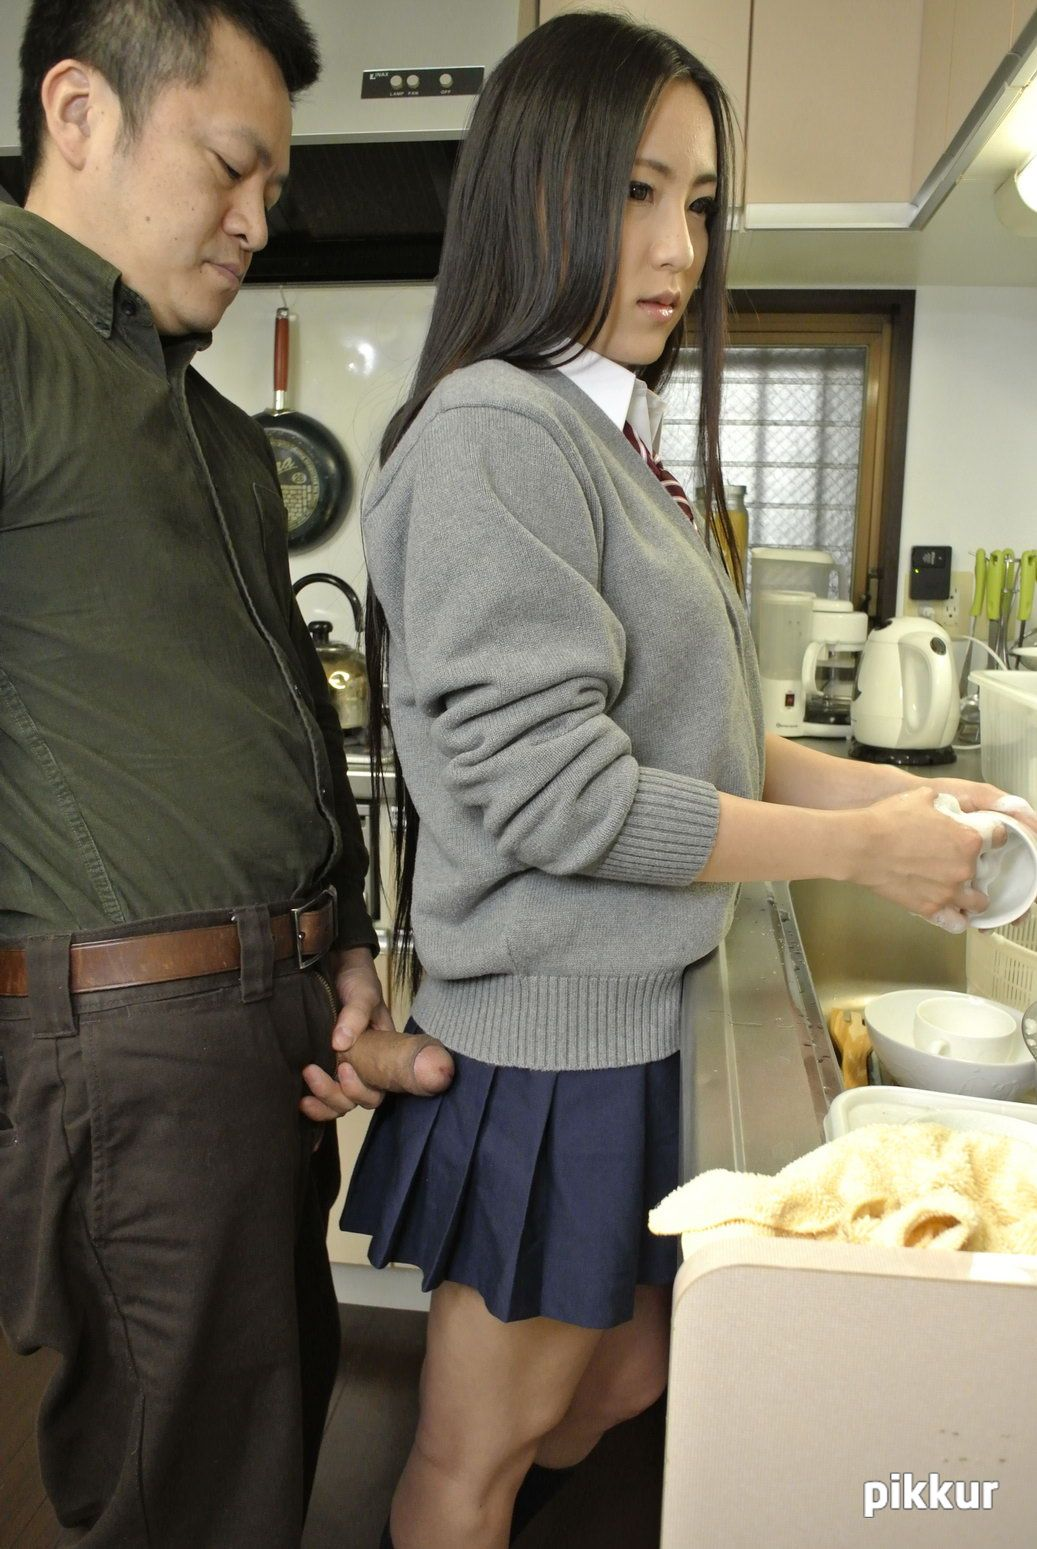 エンパイア Vol.8 〜バレないように息子の彼女に手を出すオレ43歳〜 : あずみ恋 あずみ恋 01